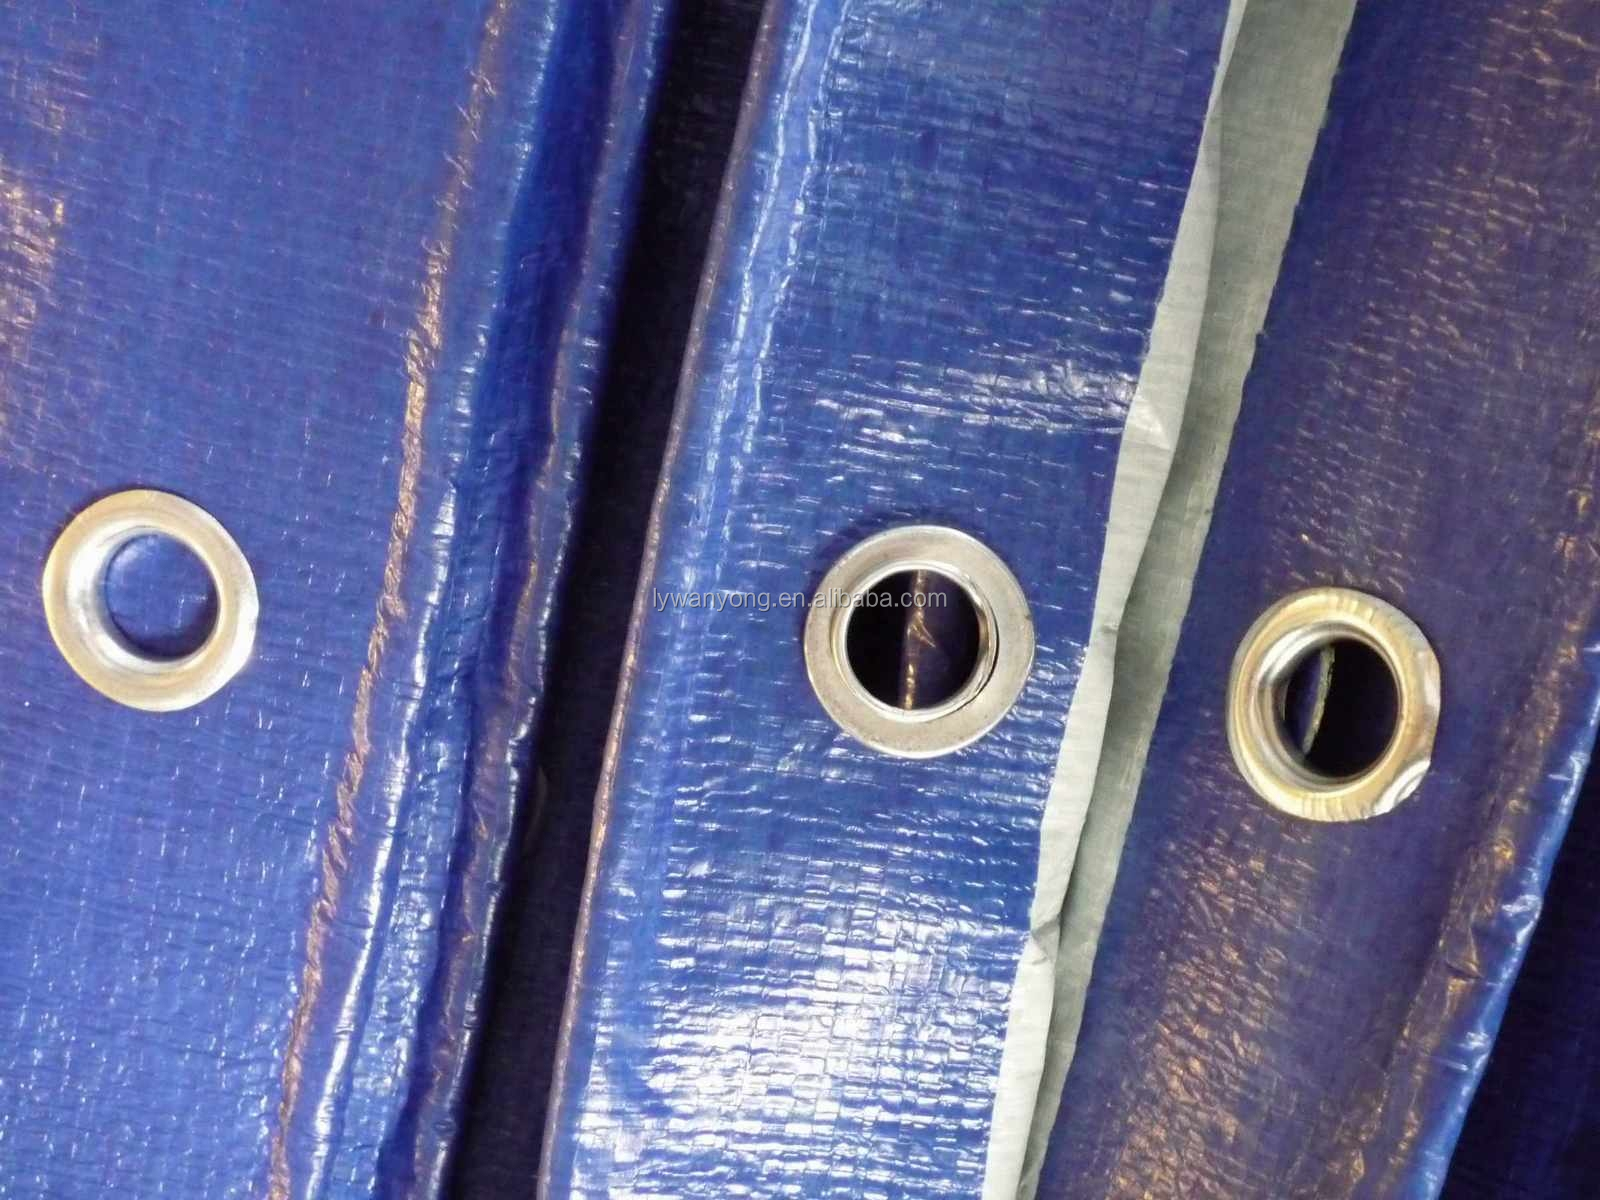 waterdichte vinyl zware vrachtwagen zeil handvat vinyl plastic